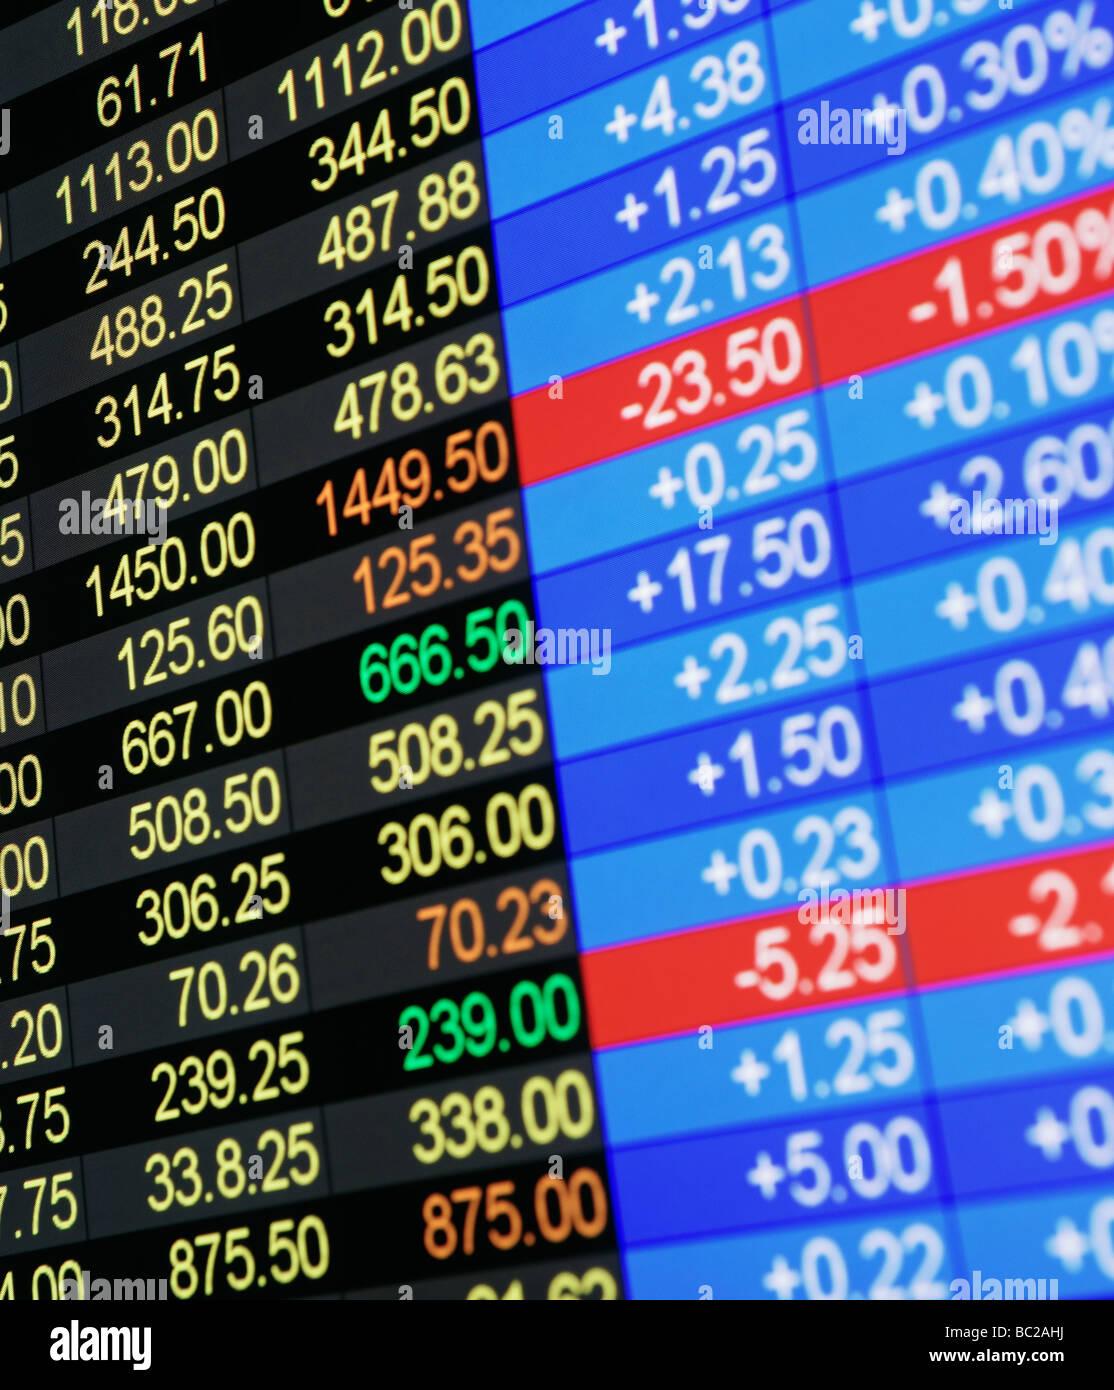 Visualización de cotizaciones bursátiles Imagen De Stock